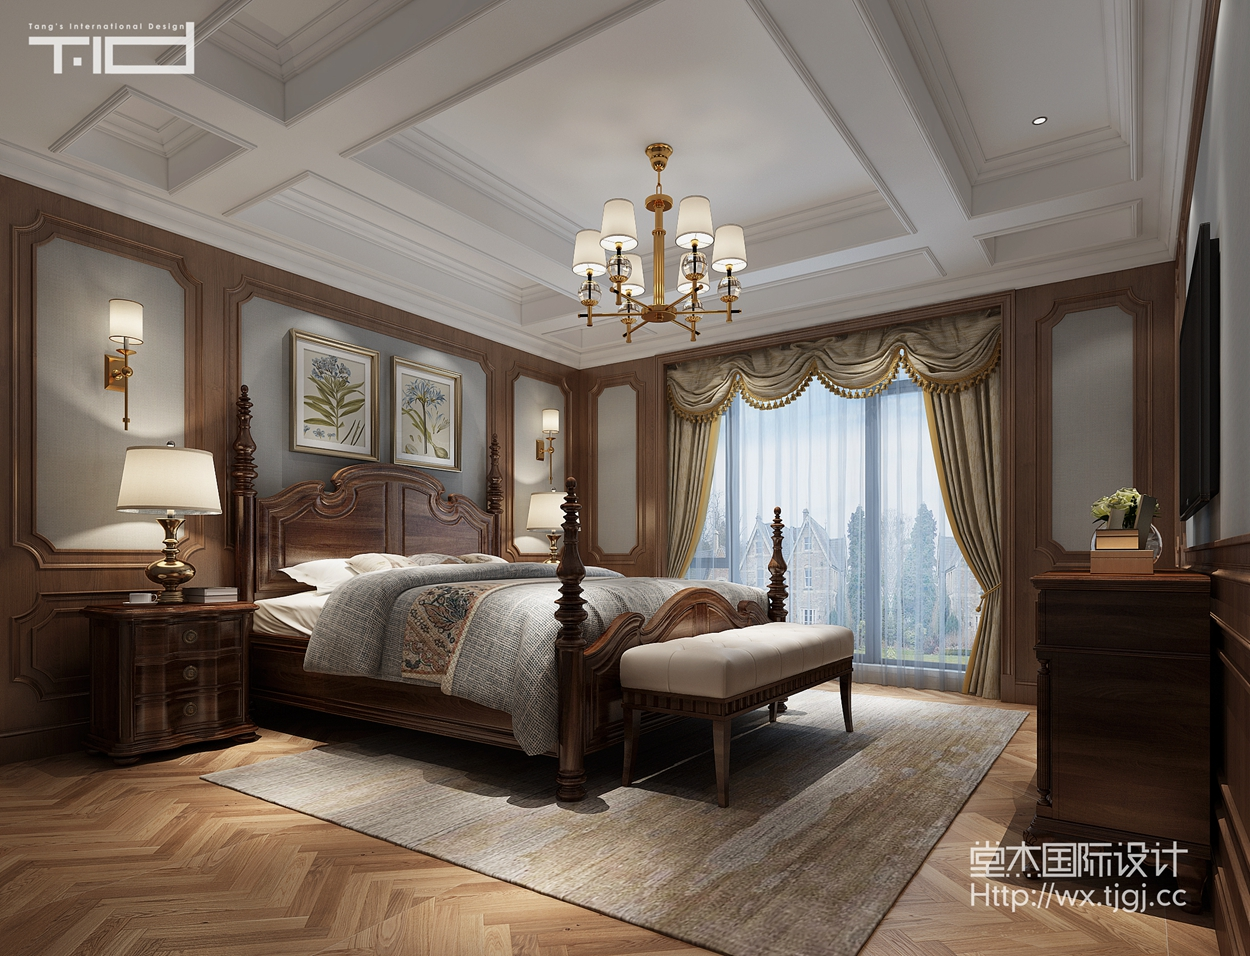 天一城596平欧式风格效果图装修-别墅-欧式古典图片